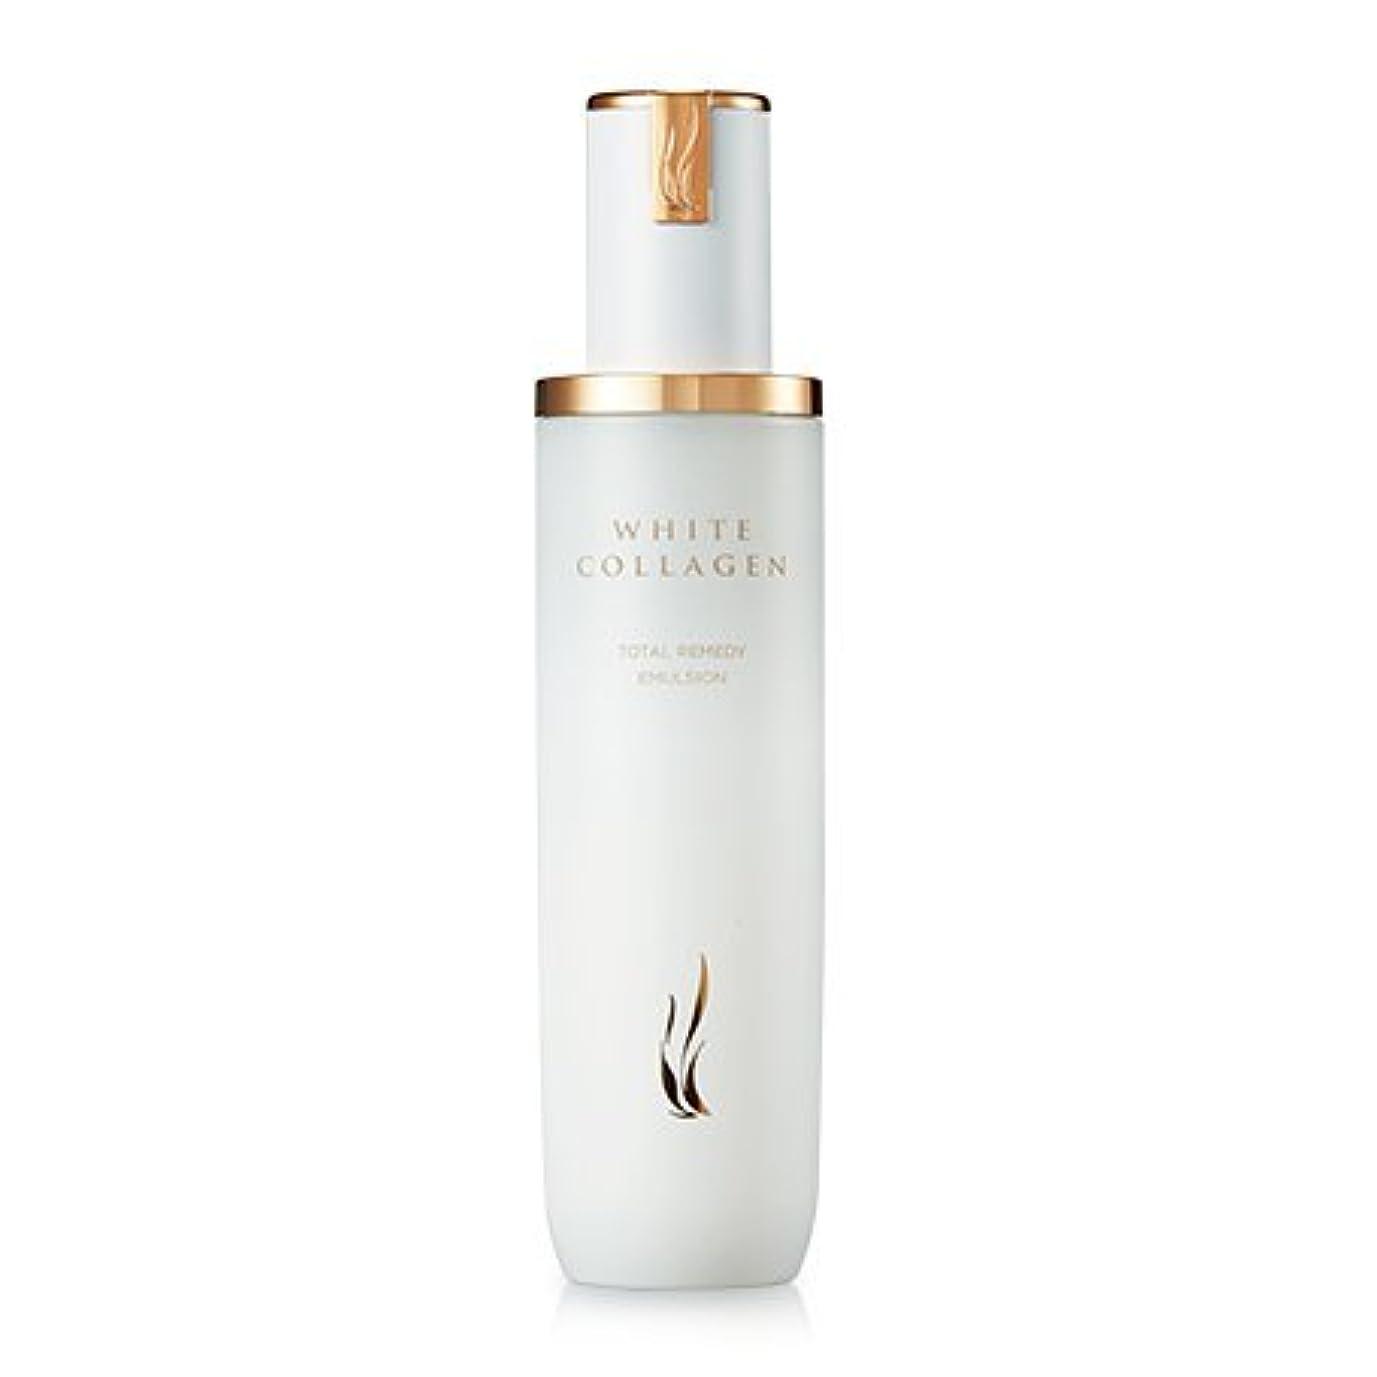 にんじん幻滅するマントル[New] A.H.C (AHC) White Collagen Total Remedy Emulsion 130ml/A.H.C ホワイト コラーゲン トータル レミディ エマルジョン 130ml [並行輸入品]